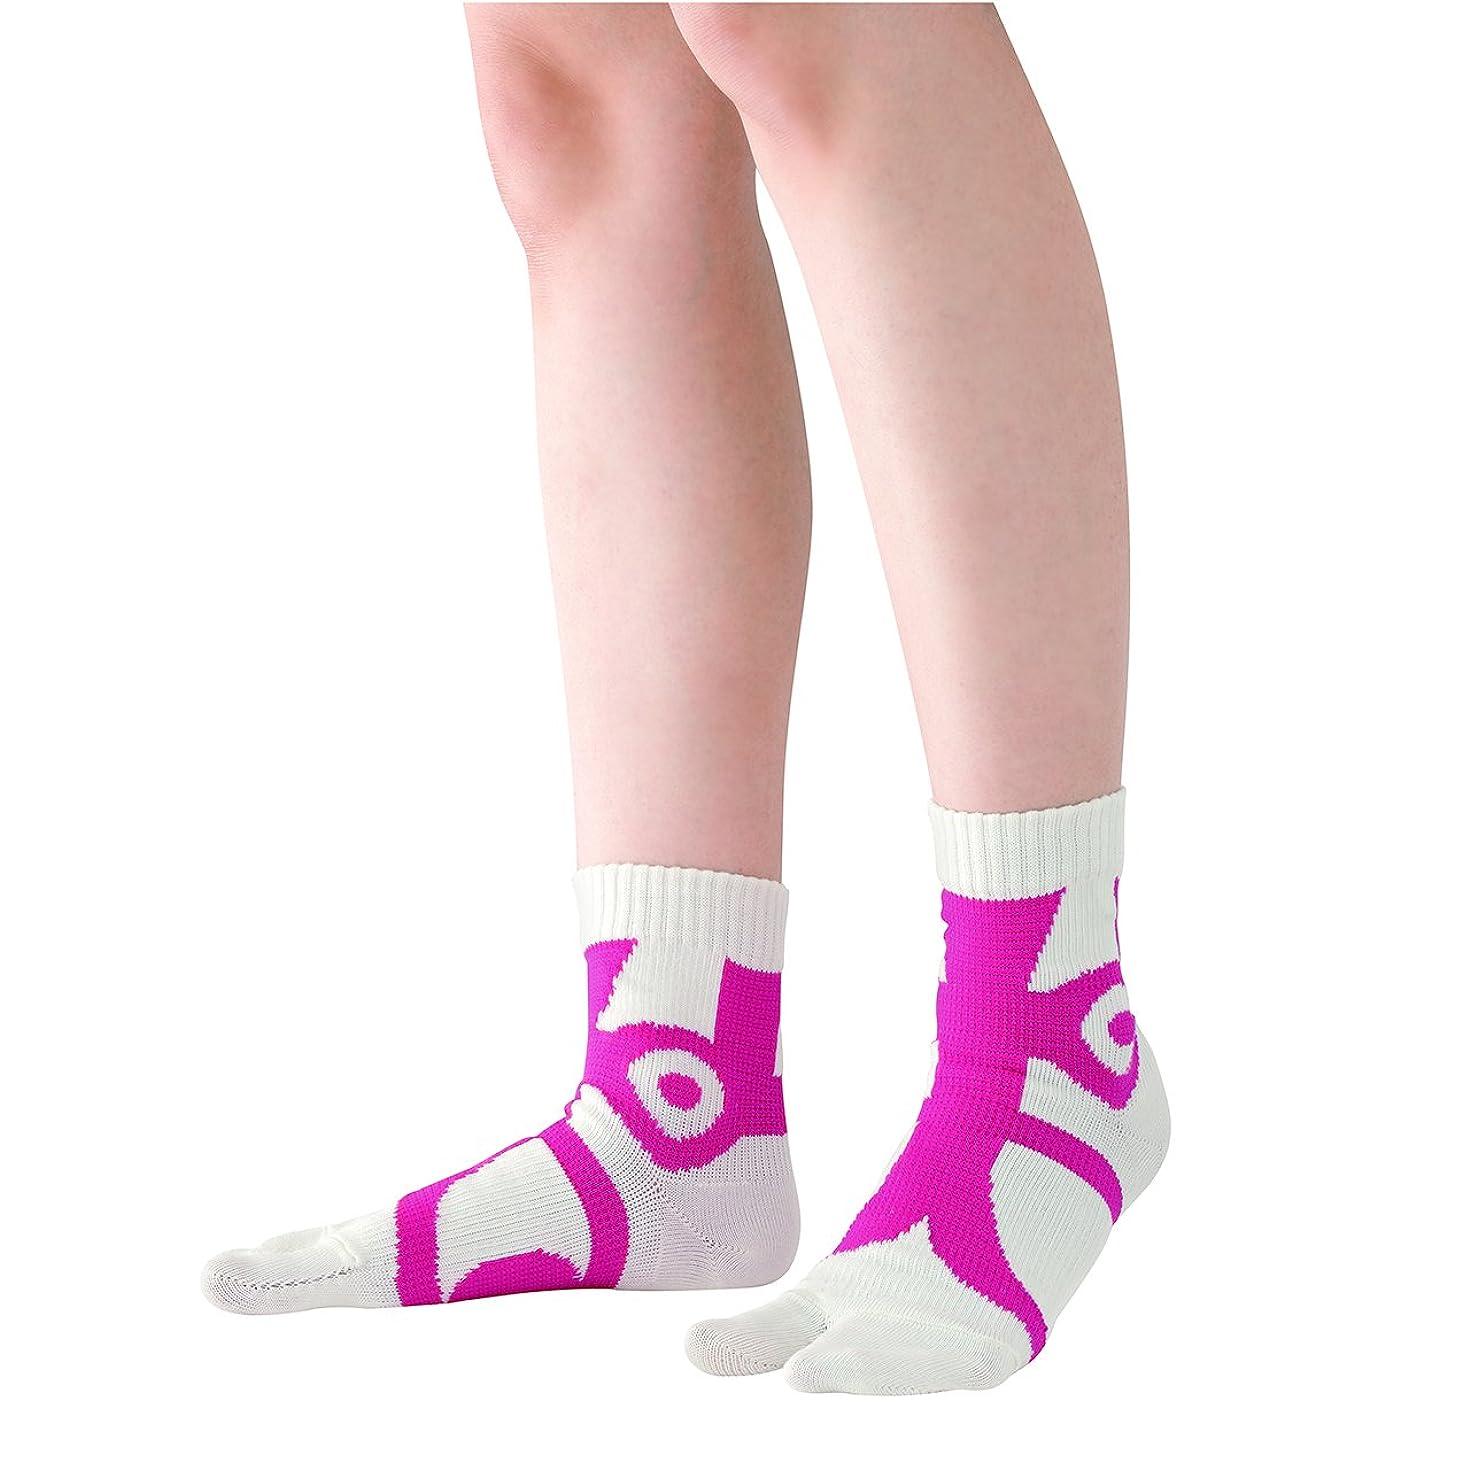 教抽象化バスト快歩テーピング靴下 ホワイト×ピンク